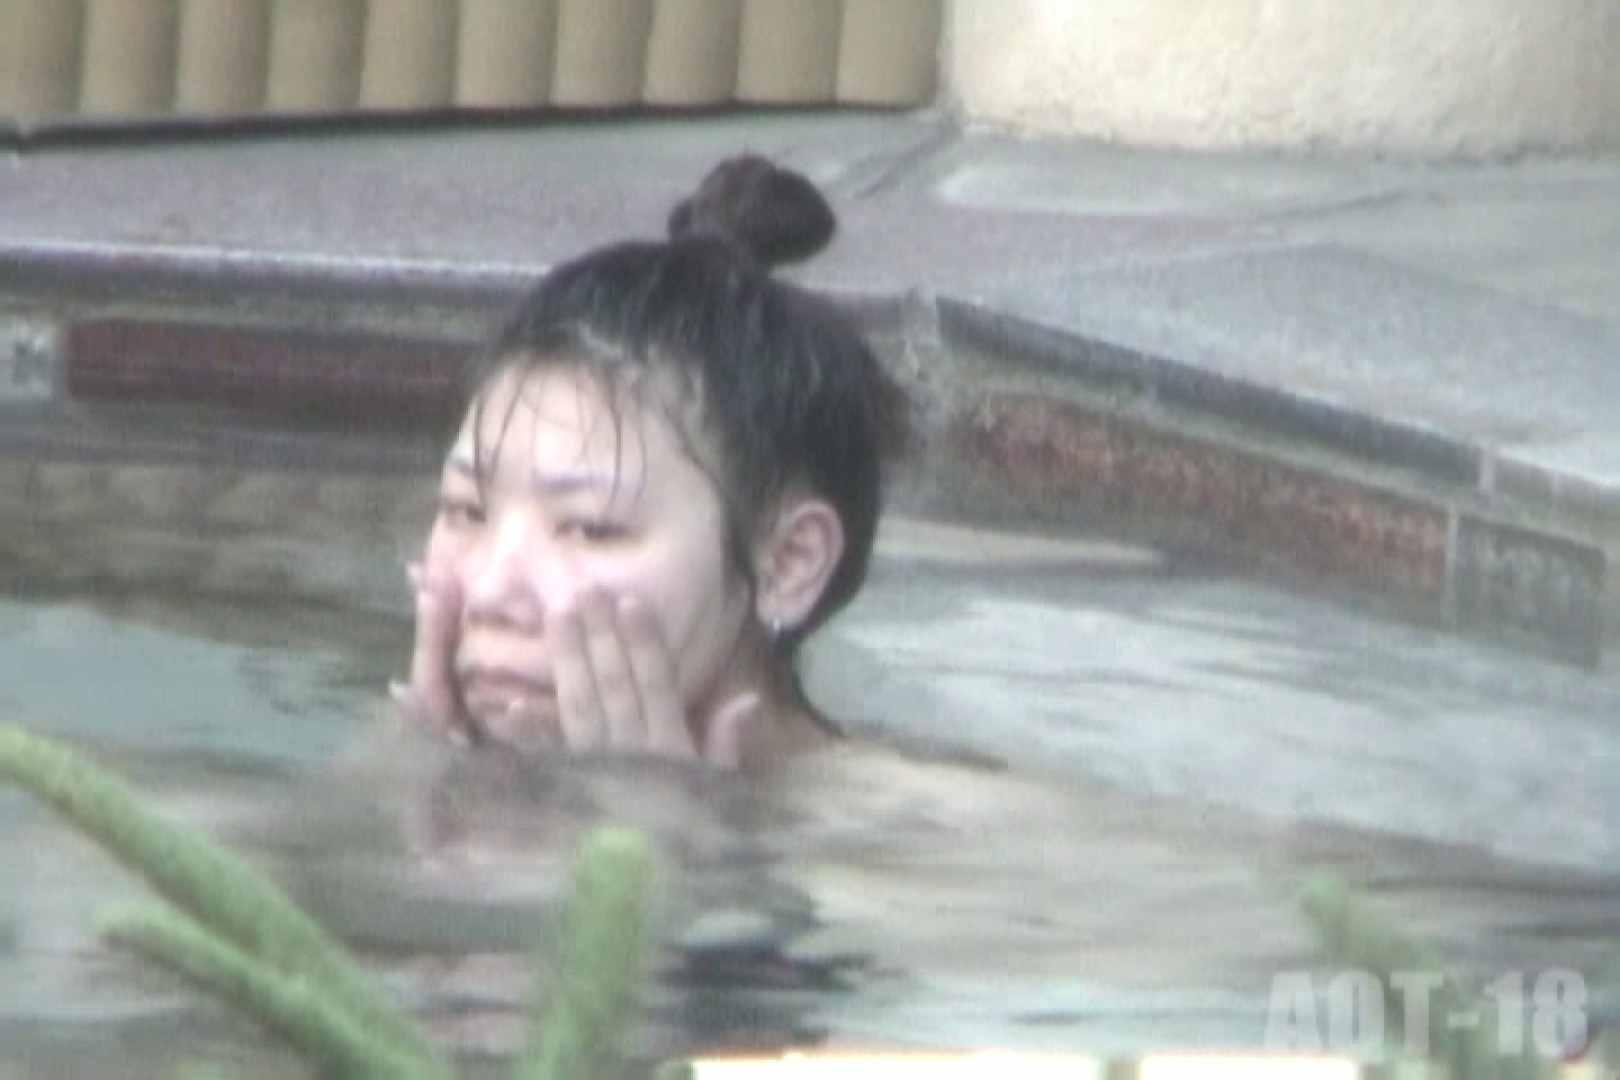 Aquaな露天風呂Vol.855 盗撮 セックス画像 67画像 23